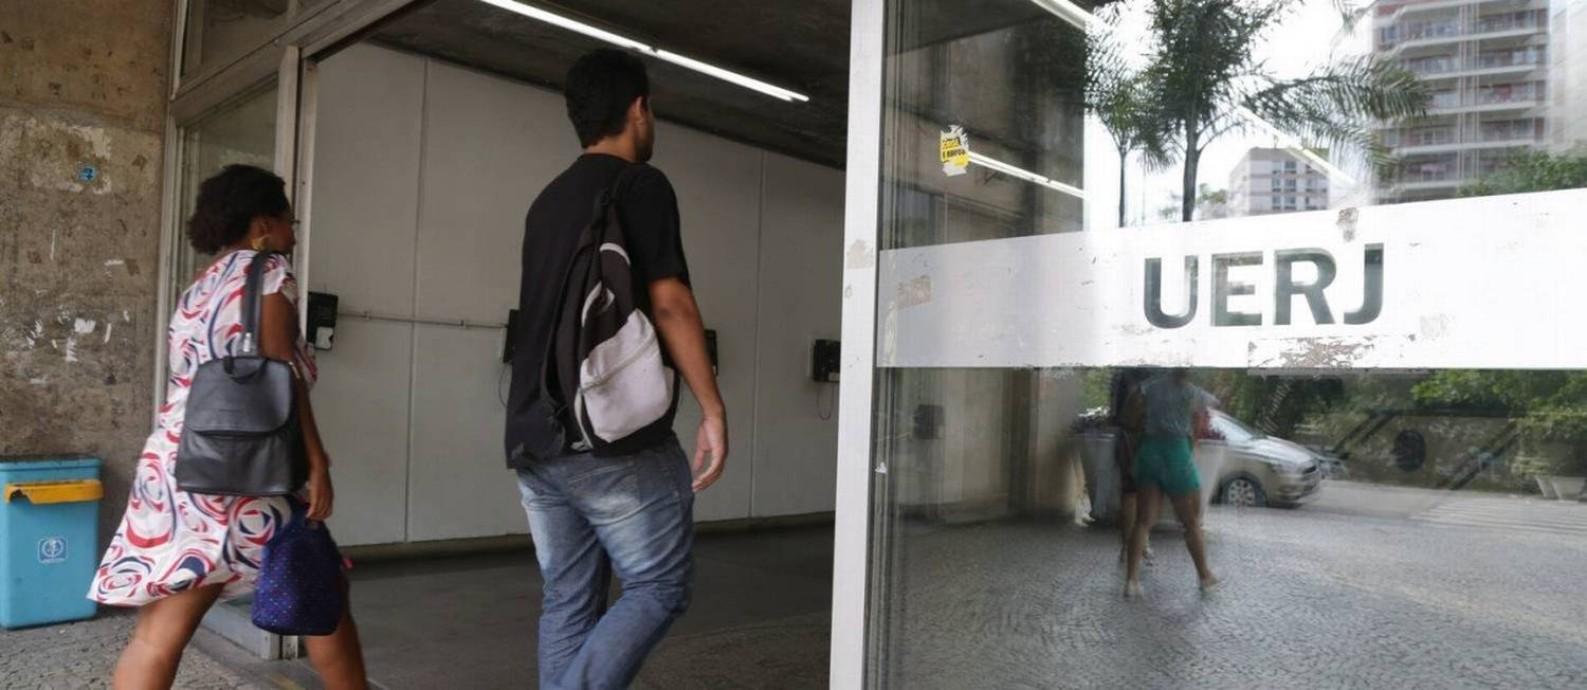 Um dos acesso à Uerj, no Maracanã: universidade já adota o sistema de cotas desde 2003 Foto: Pedro Teixeira/22-01-2018